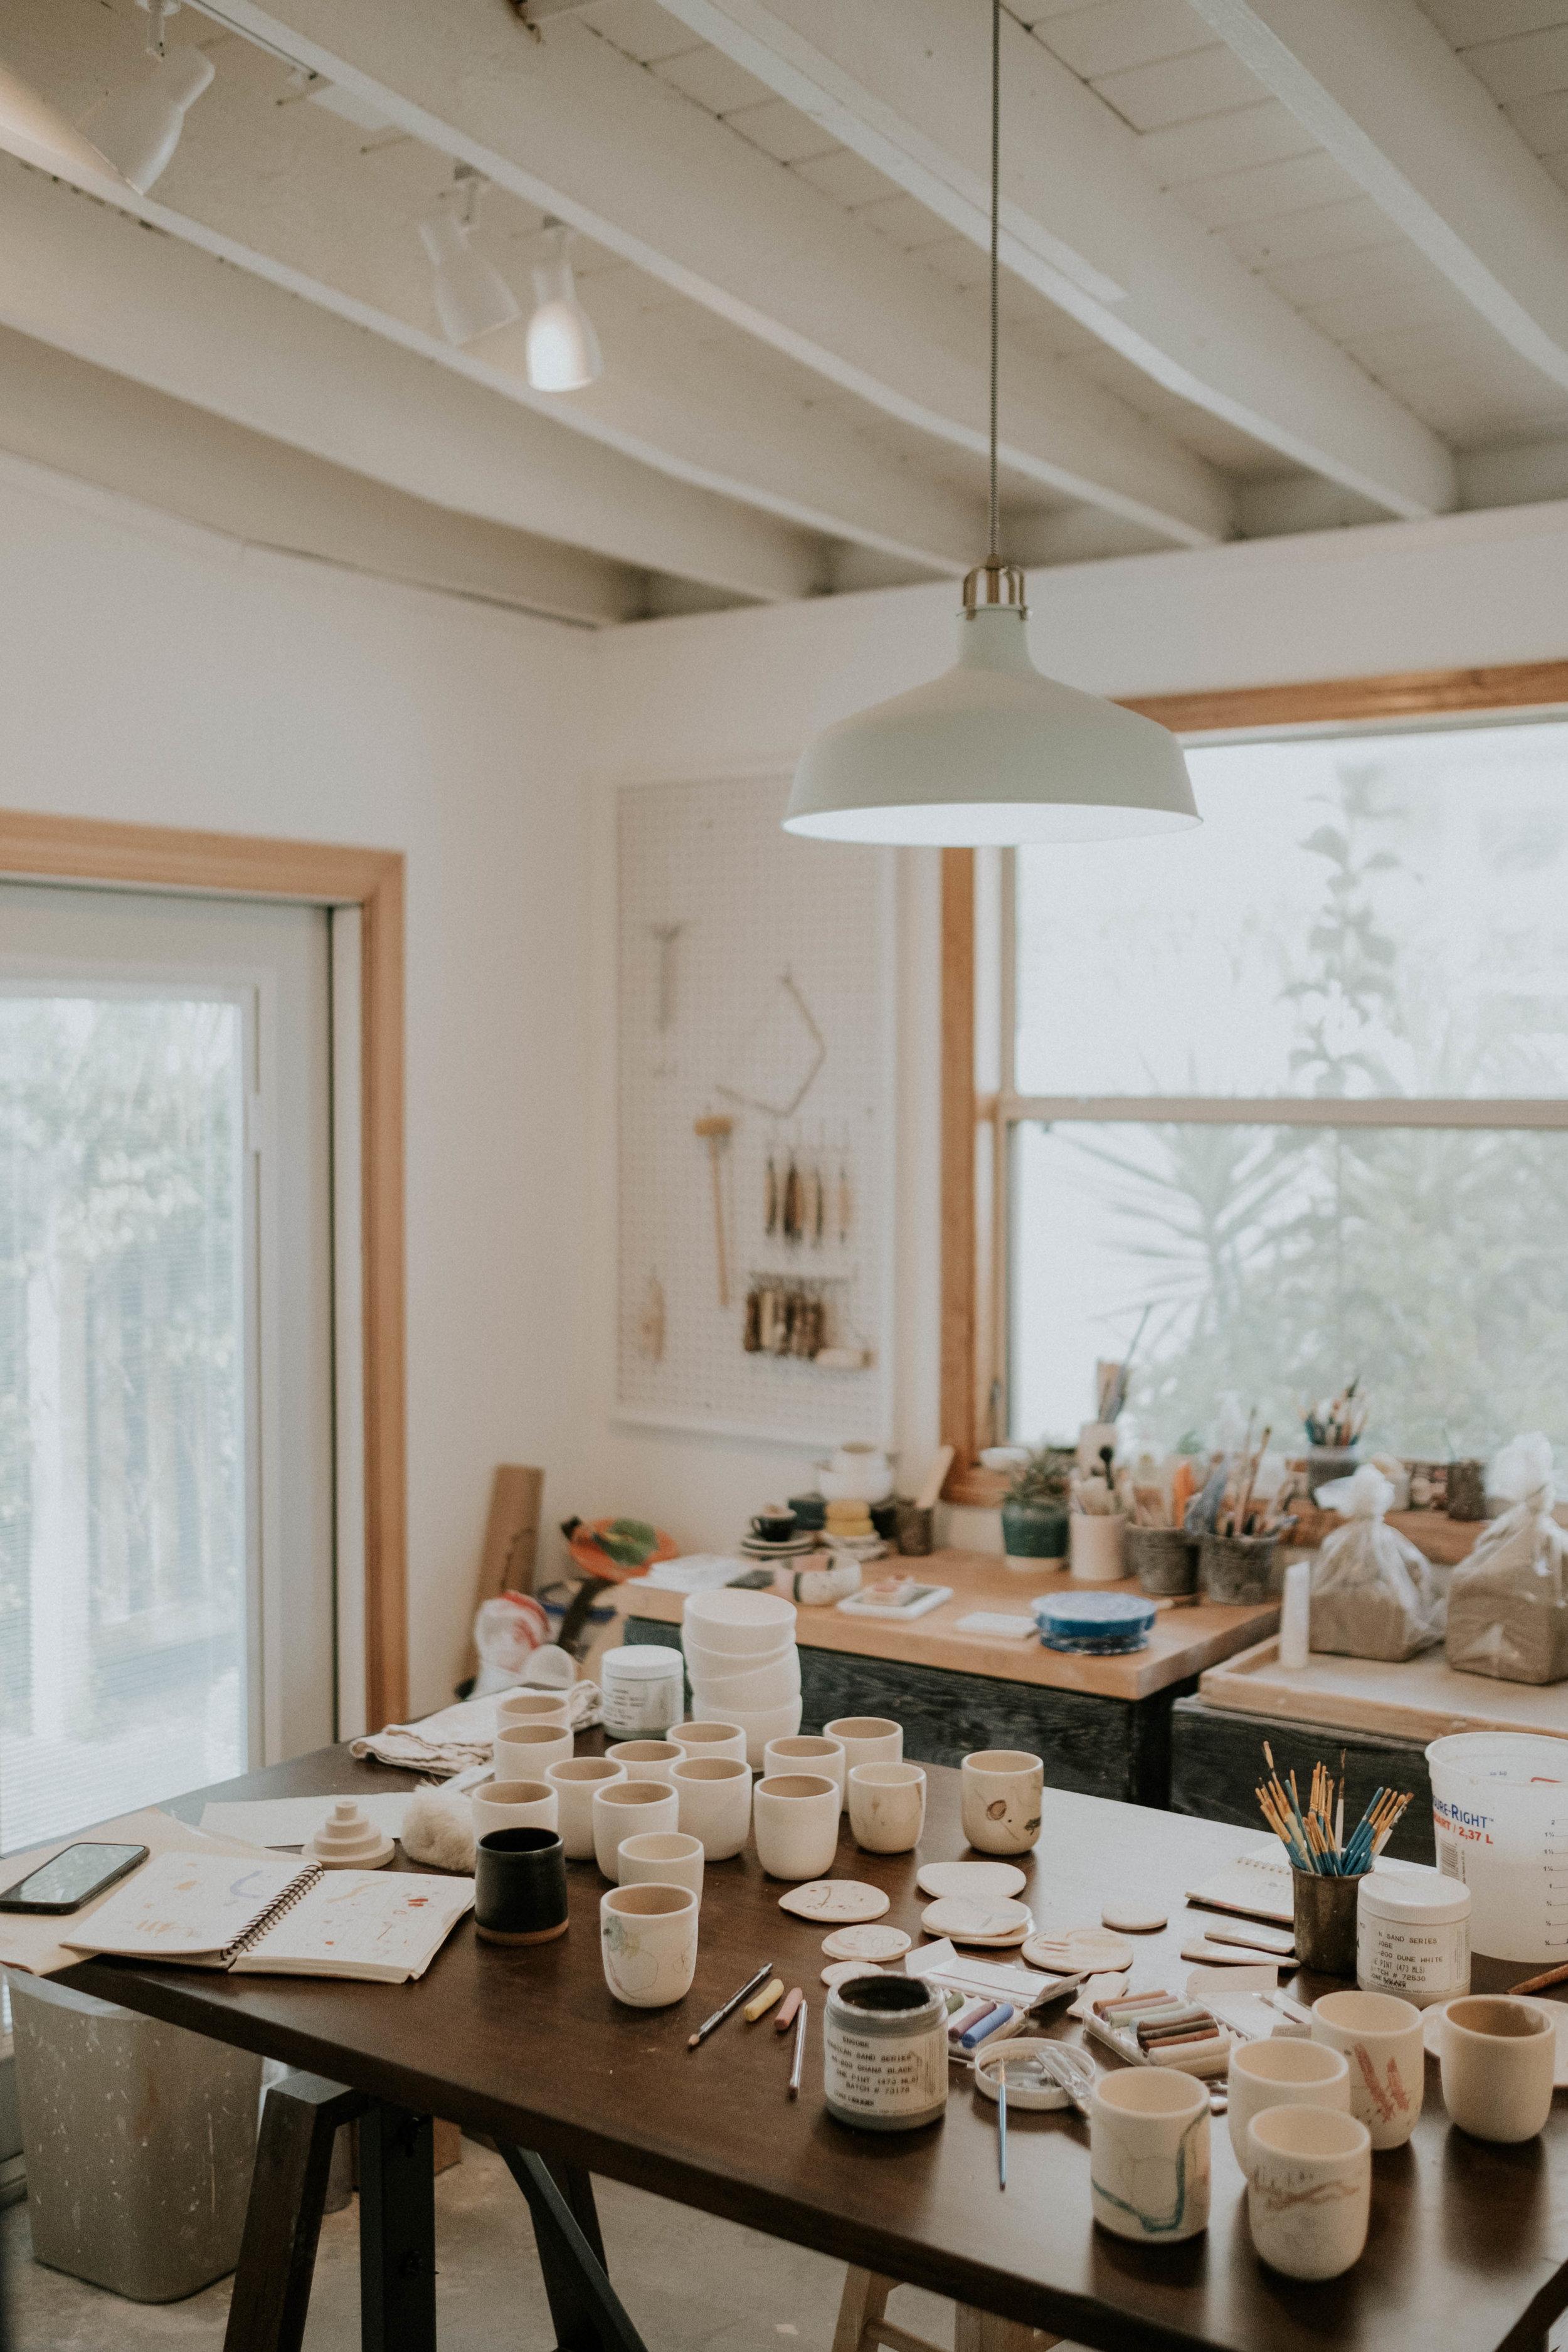 A look at Lauren Ytterbom's studio